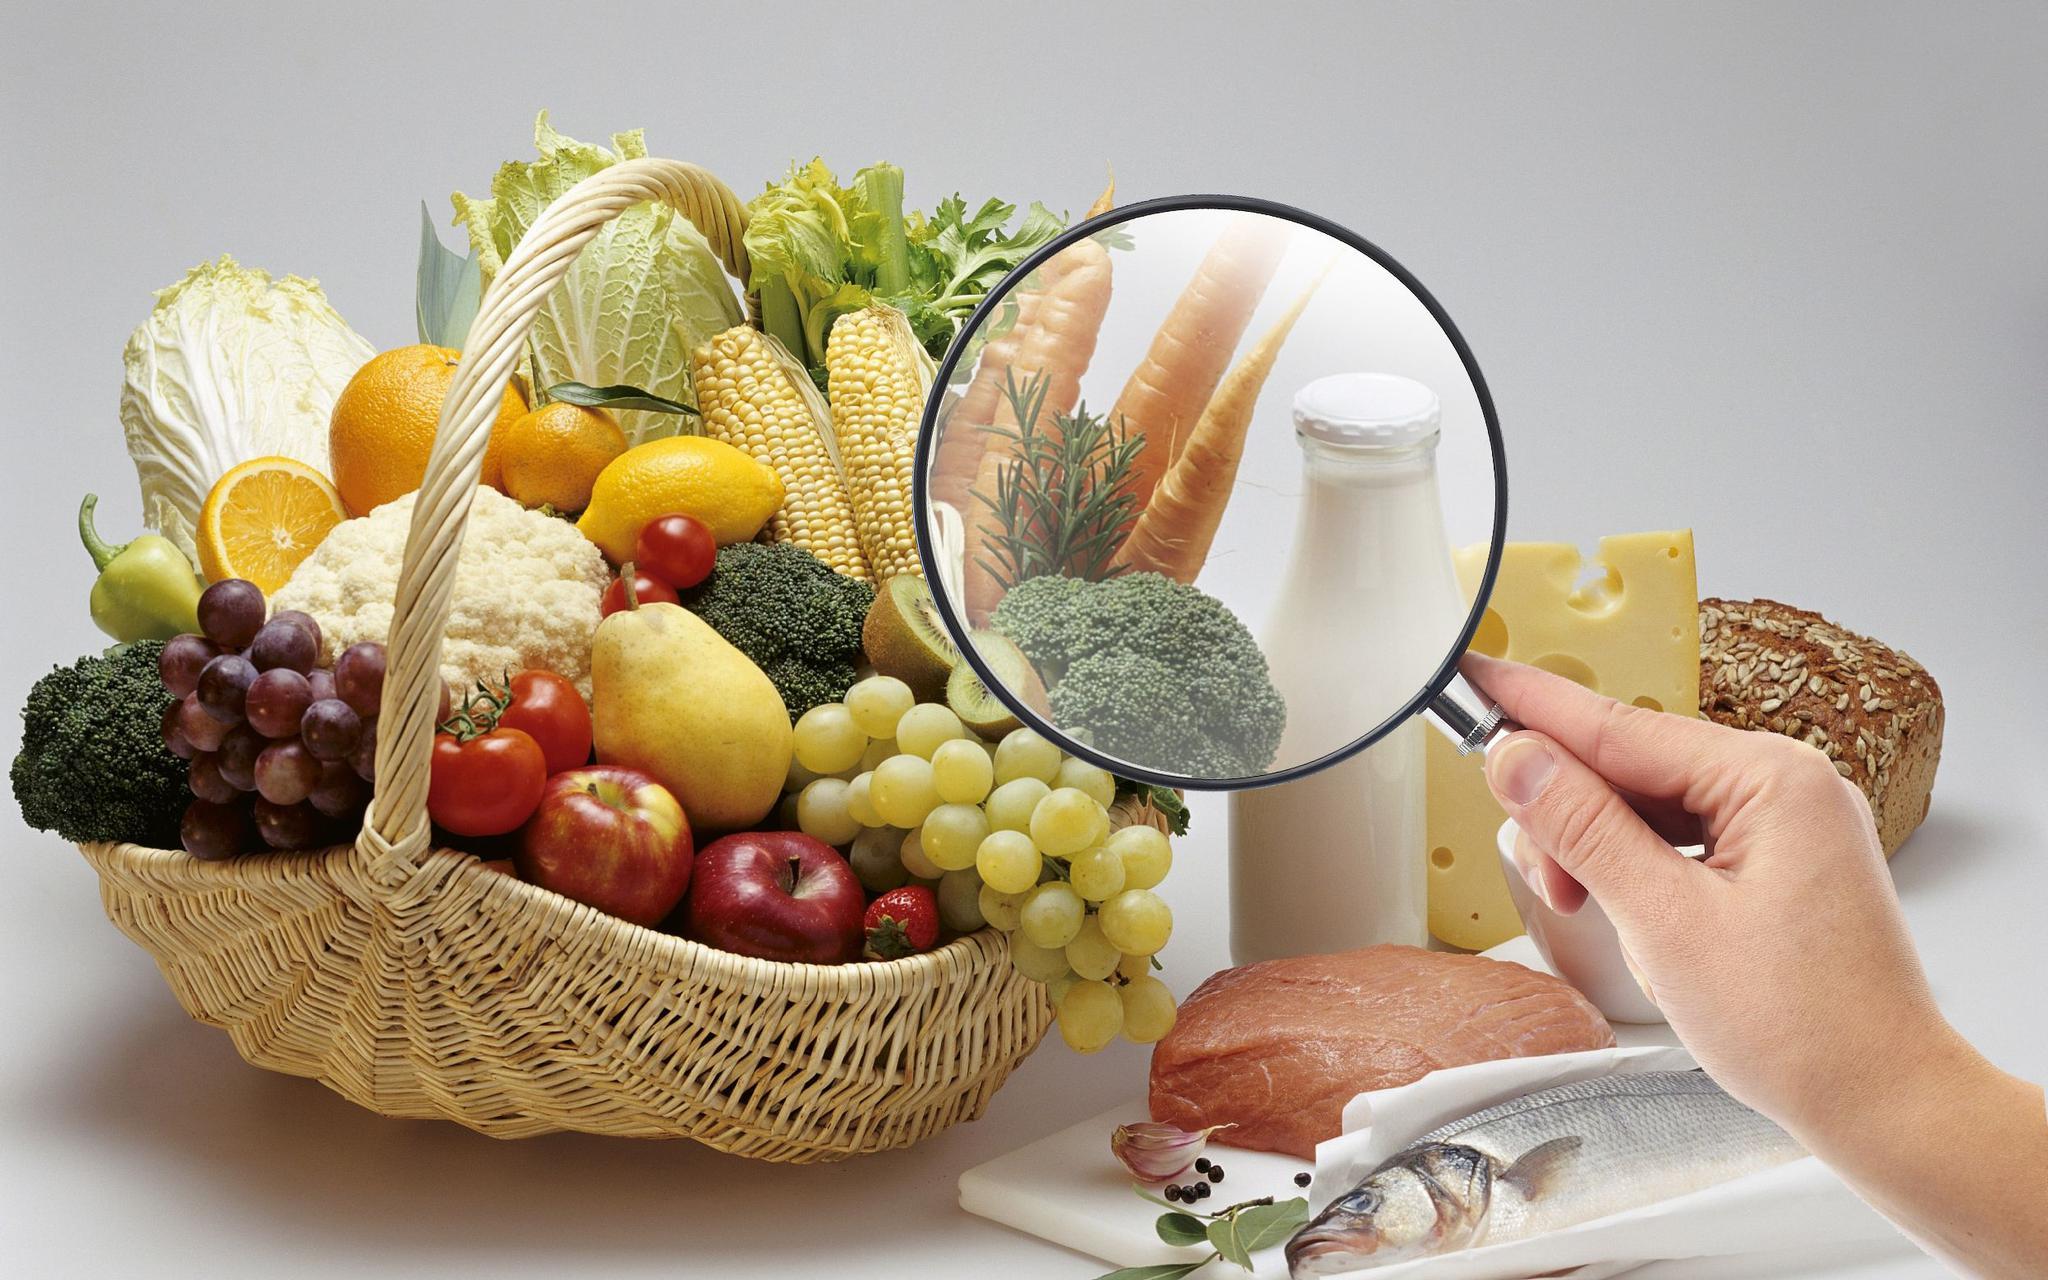 天富,丨合理膳食健康生活让免疫力处天富于最佳状态图片